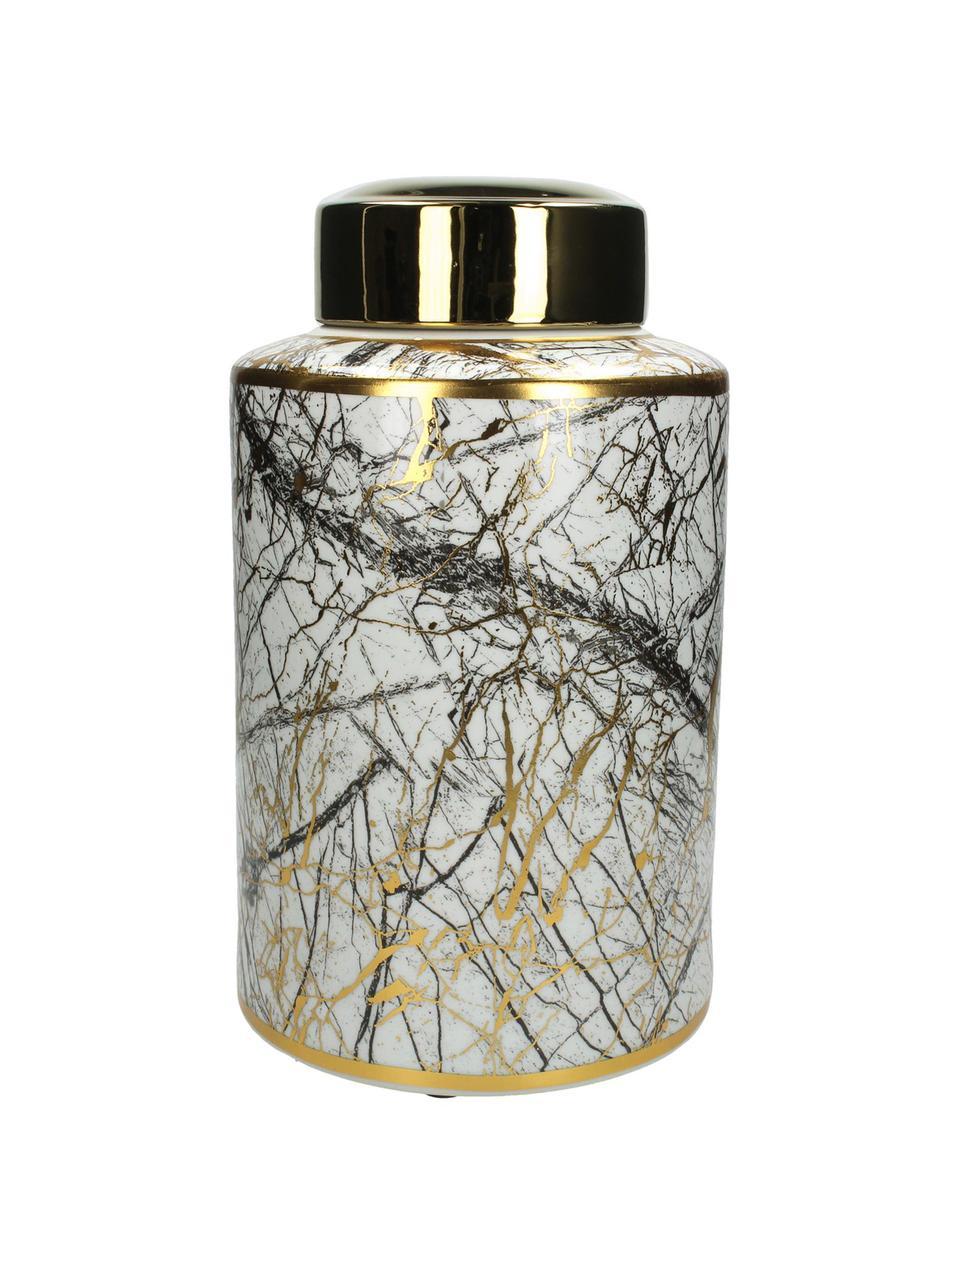 Aufbewahrungsdose Marble, Porzellan, Schwarz, Weiß, Goldfarben, Ø 18 x H 30 cm